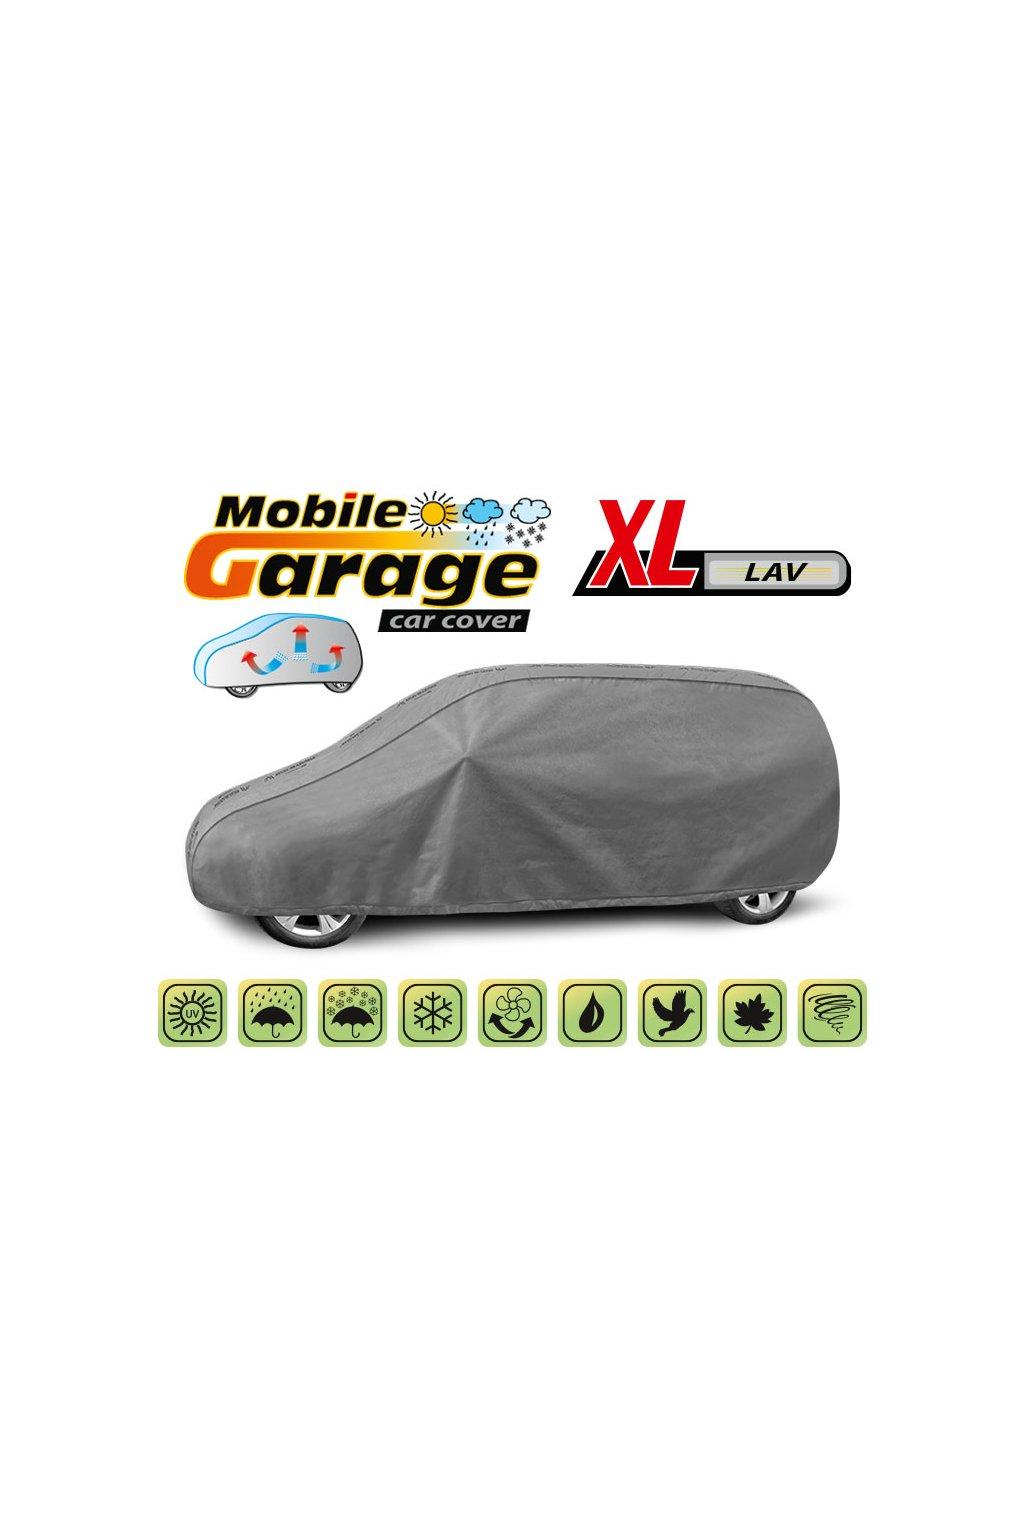 mobile garage XL lav 3 art 5 4137 248 3020